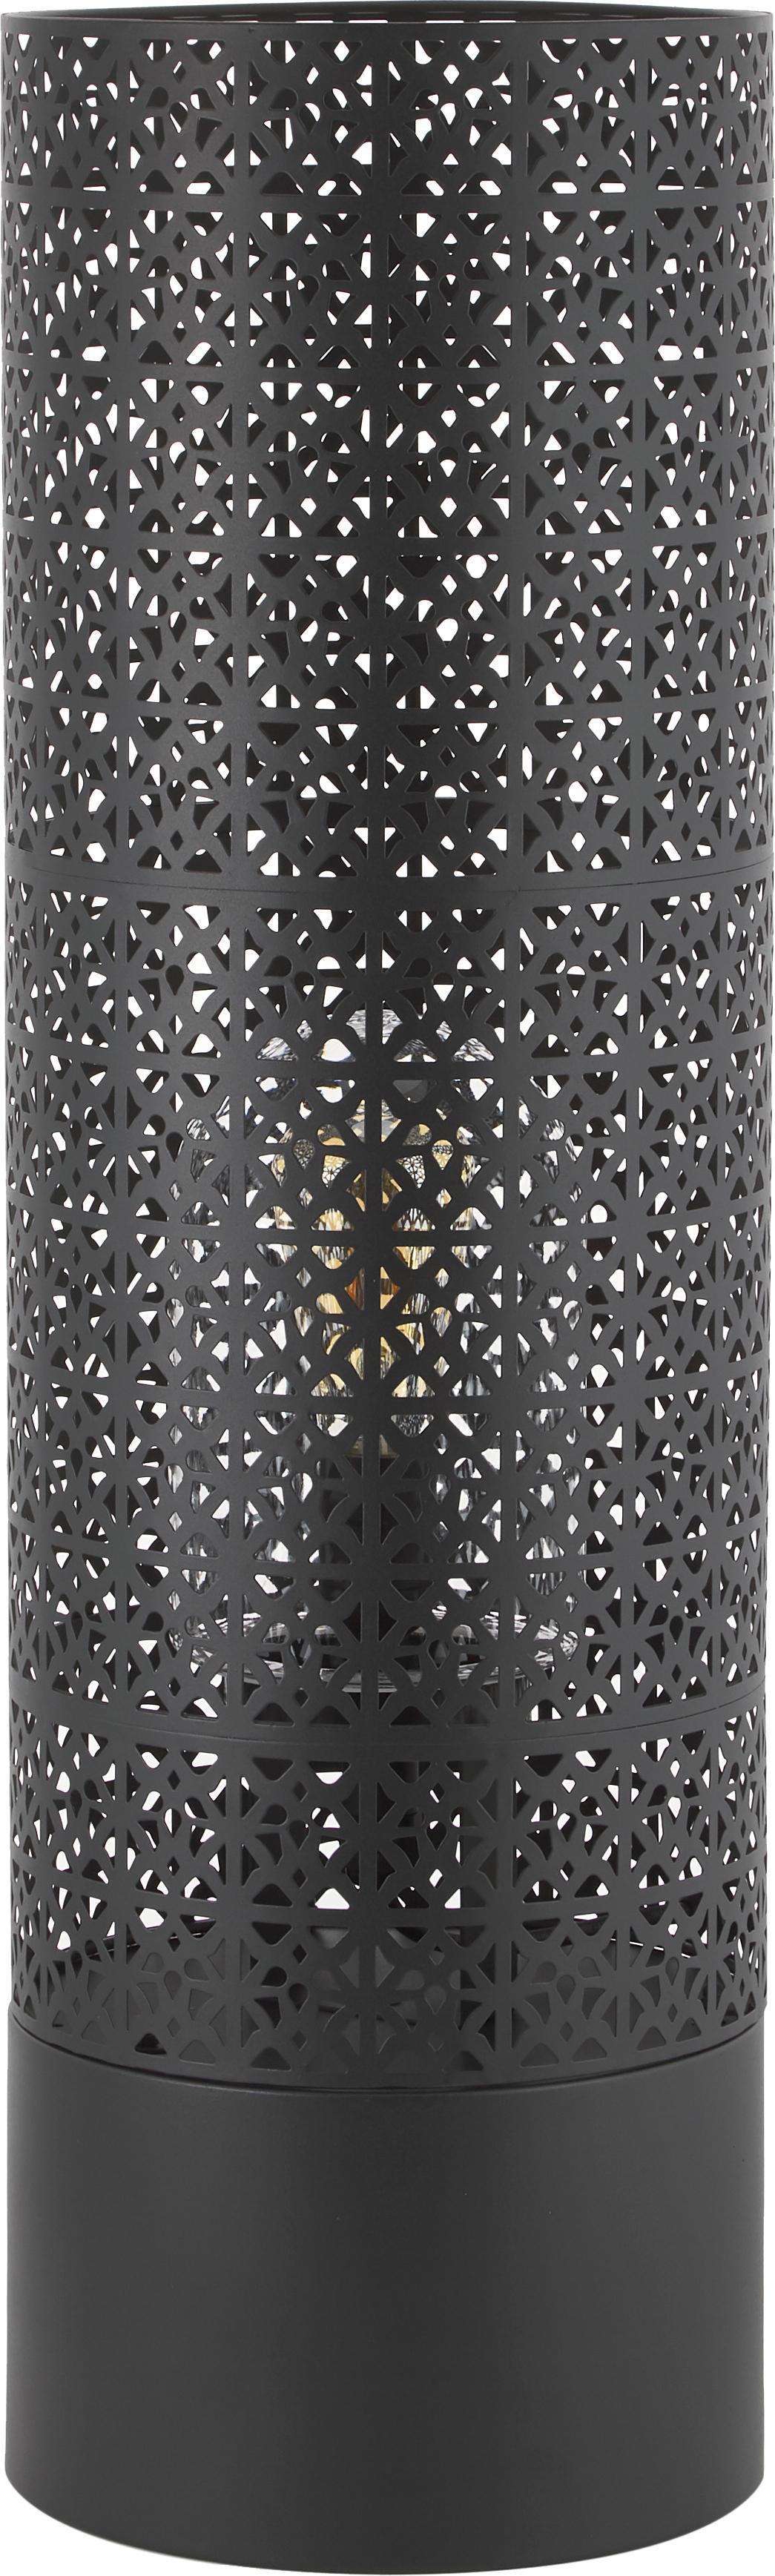 Boho-Außenstehleuchte Maison, Leuchte: Metall, pulverbeschichtet, Schwarz, Ø 24 x H 78 cm